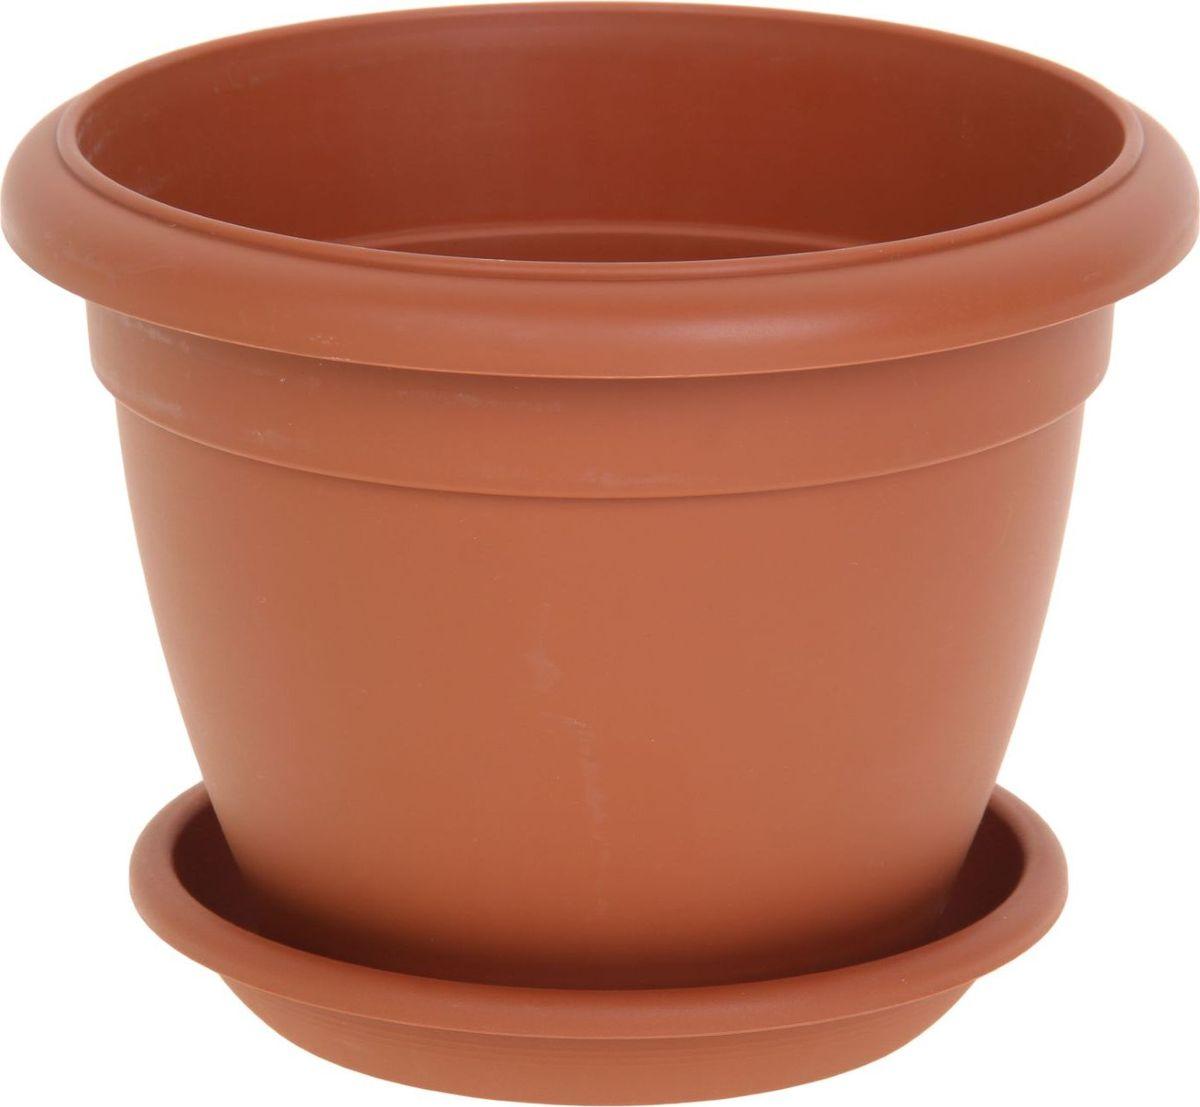 Горшок для цветов ТЕК.А.ТЕК Le Jardin, цвет: терракотовый, 6 л. 1147168531-105Любой, даже самый современный и продуманный интерьер будет не завершённым без растений. Они не только очищают воздух и насыщают его кислородом, но и заметно украшают окружающее пространство. Такому полезному члену семьи просто необходимо красивое и функциональное кашпо, оригинальный горшок или необычная ваза! Мы предлагаем - Горшок для цветов Le Jardin, d=25 см, терракотовый! Оптимальный выбор материала пластмасса! Почему мы так считаем? Малый вес. С лёгкостью переносите горшки и кашпо с места на место, ставьте их на столики или полки, подвешивайте под потолок, не беспокоясь о нагрузке. Простота ухода. Пластиковые изделия не нуждаются в специальных условиях хранения. Их легко чистить достаточно просто сполоснуть тёплой водой. Никаких царапин. Пластиковые кашпо не царапают и не загрязняют поверхности, на которых стоят. Пластик дольше хранит влагу, а значит растение реже нуждается в поливе. Пластмасса не пропускает воздух корневой системе растения не грозят резкие перепады температур. Огромный выбор форм, декора и расцветок вы без труда подберёте что-то, что идеально впишется в уже существующий интерьер. Соблюдая нехитрые правила ухода, вы можете заметно продлить срок службы горшков, вазонов и кашпо из пластика: всегда учитывайте размер кроны и корневой системы растения (при разрастании большое растение способно повредить маленький горшок)берегите изделие от воздействия прямых солнечных лучей, чтобы кашпо и горшки не выцветалидержите кашпо и горшки из пластика подальше от нагревающихся поверхностей. Создавайте прекрасные цветочные композиции, выращивайте рассаду или необычные растения, а низкие цены позволят вам не ограничивать себя в выборе.